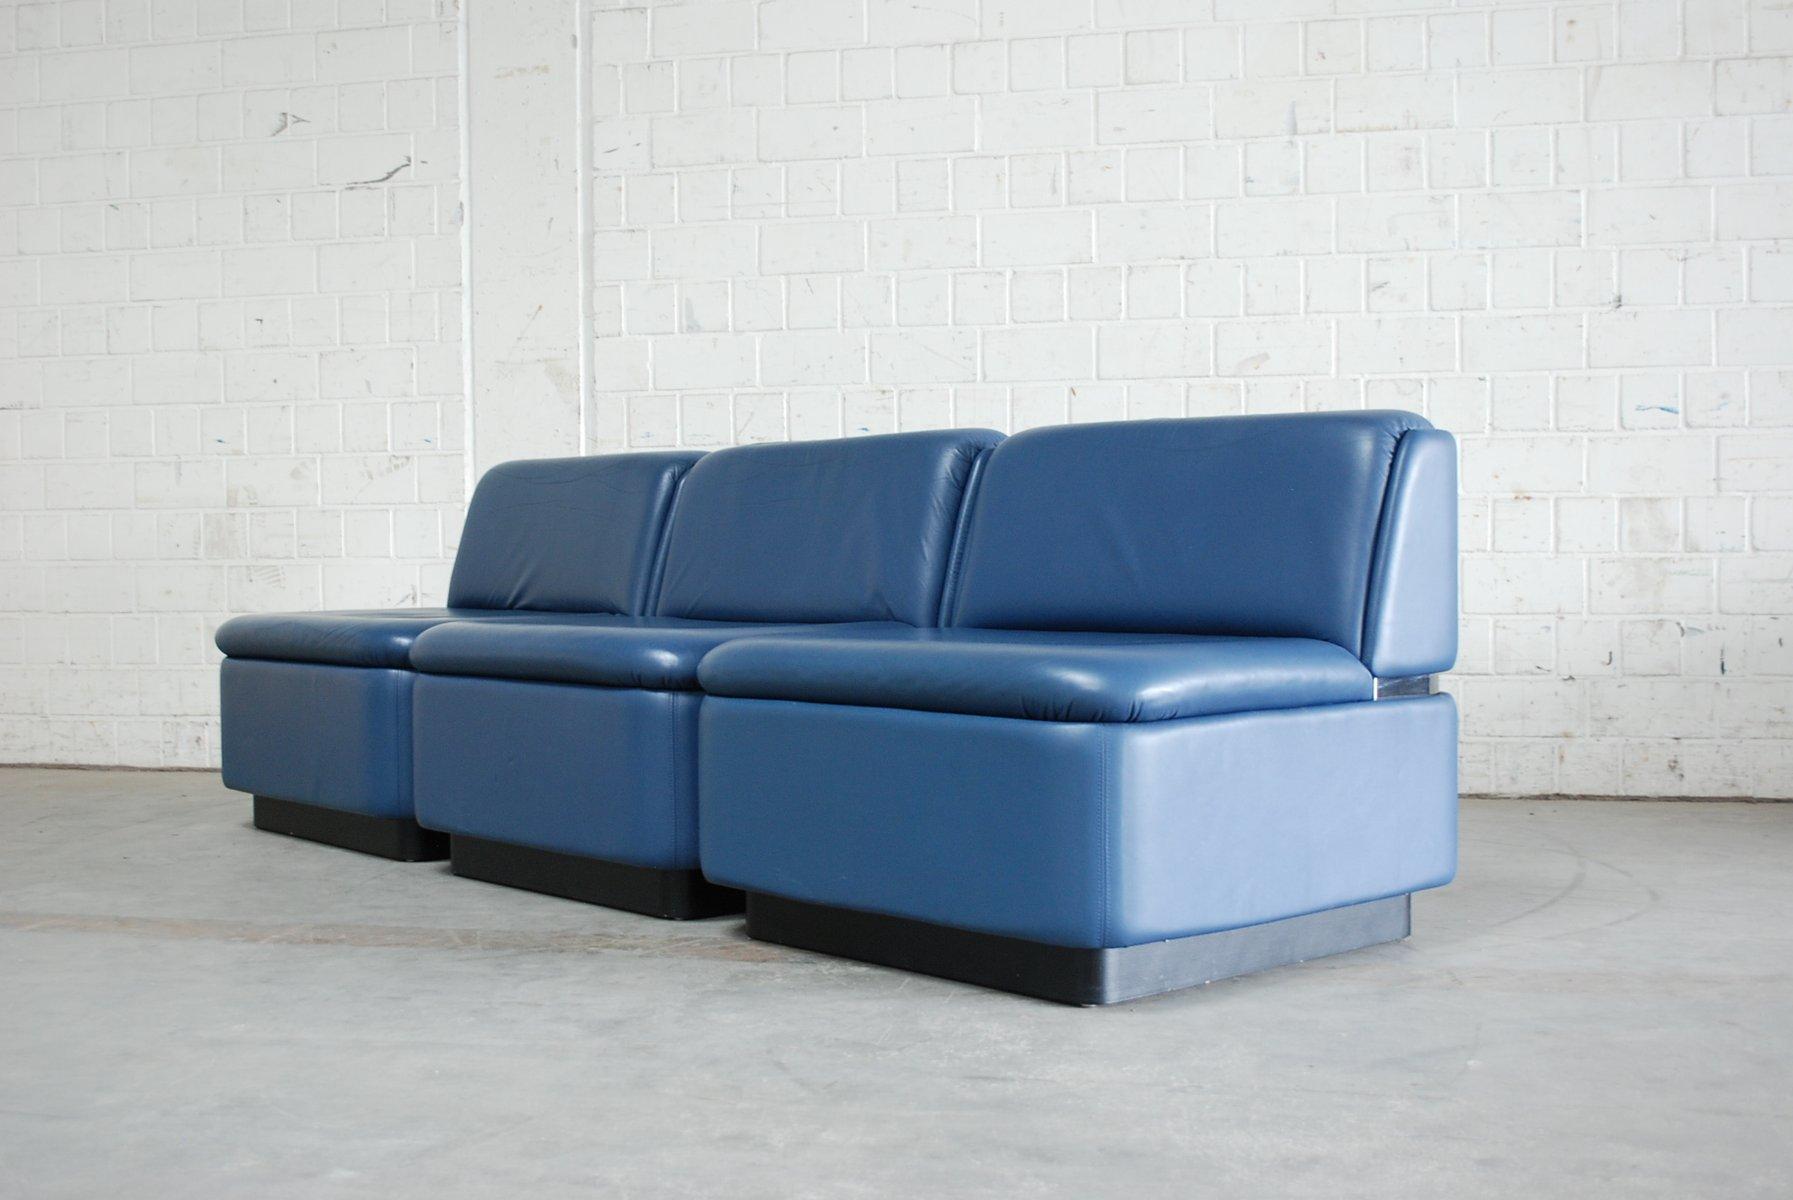 Teal Blue Leather Sofa Thesofa